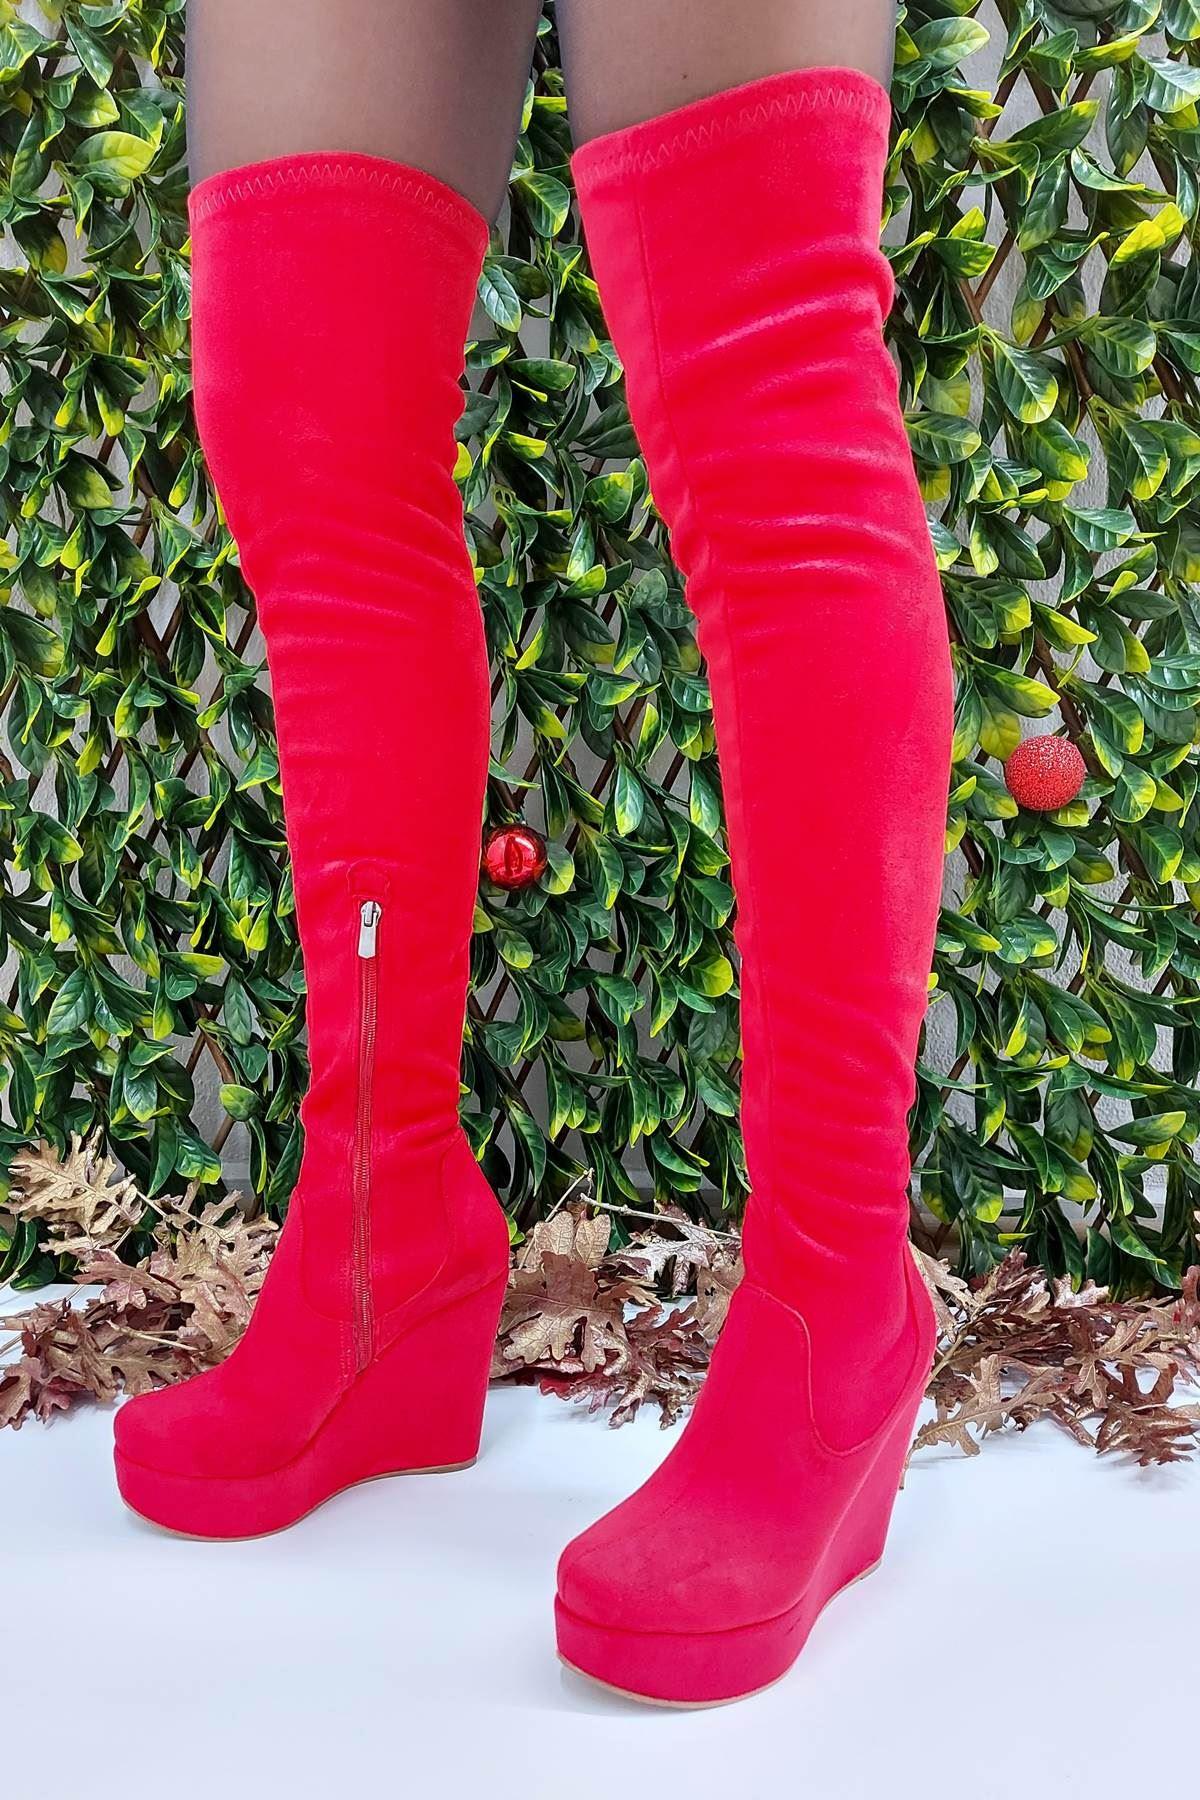 Blood Kırmızı Süet Dolgu Topuklu Diz Üstü Kadın Çizme